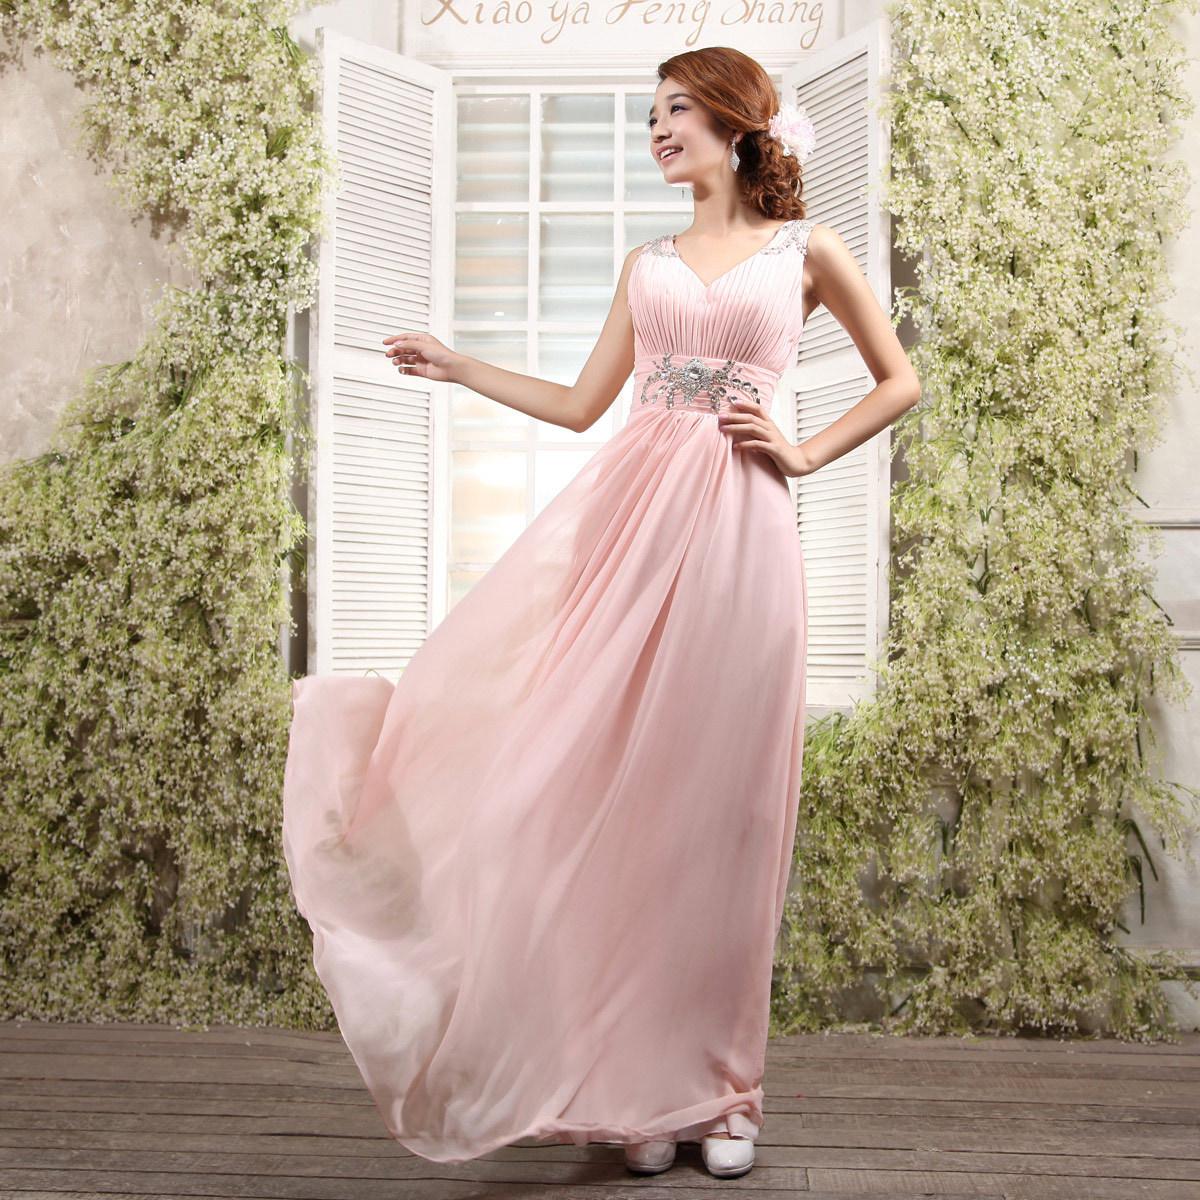 2012秋季新款新娘礼服 长款晚礼服 结婚敬酒服伴娘修身礼服演出服